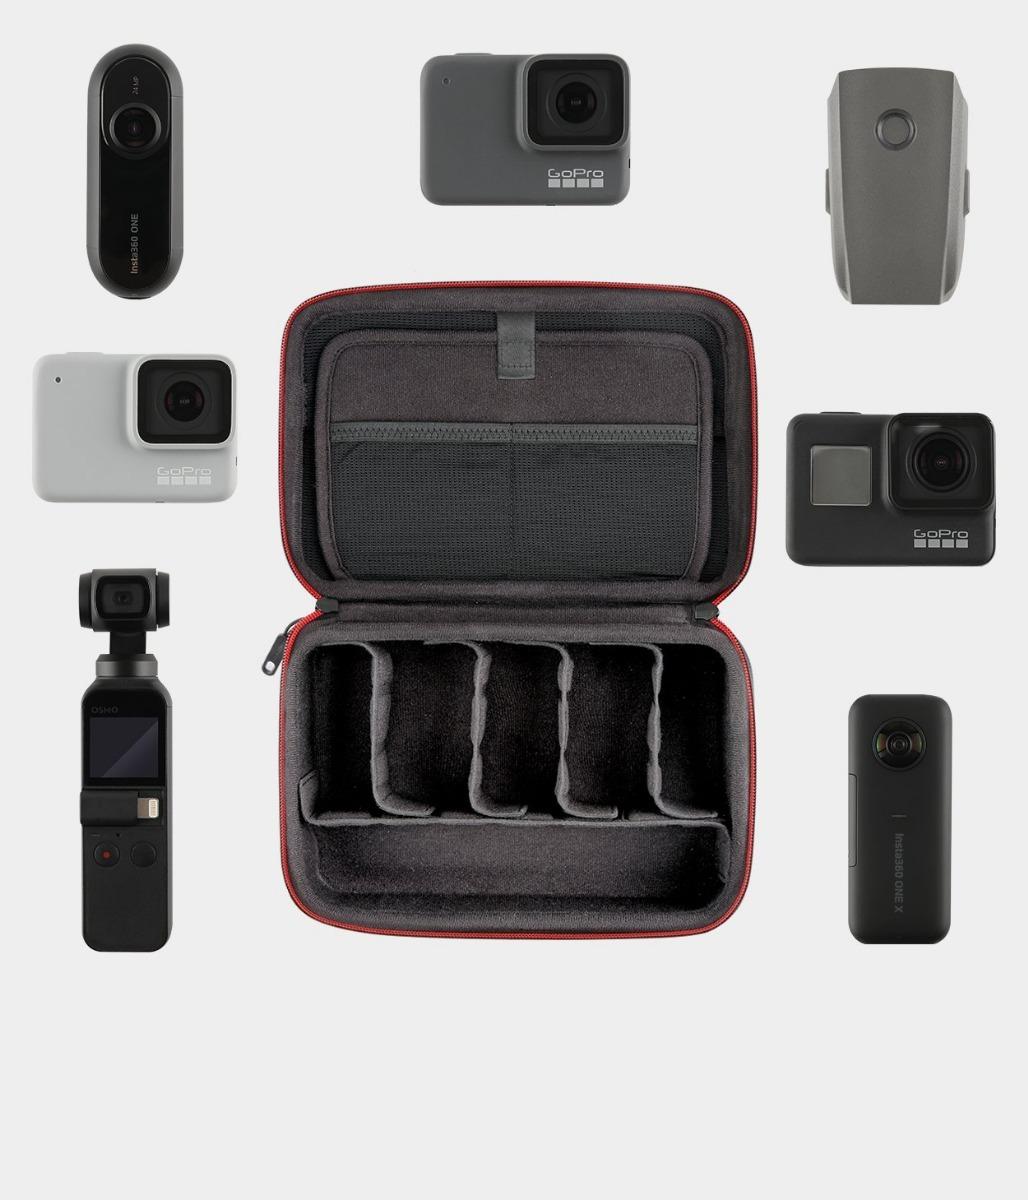 BP 504-10-12 M20 Kit de Remaches Lat/ón Niquelado Casquillo de 10,5mm con Remache de 12,0mm